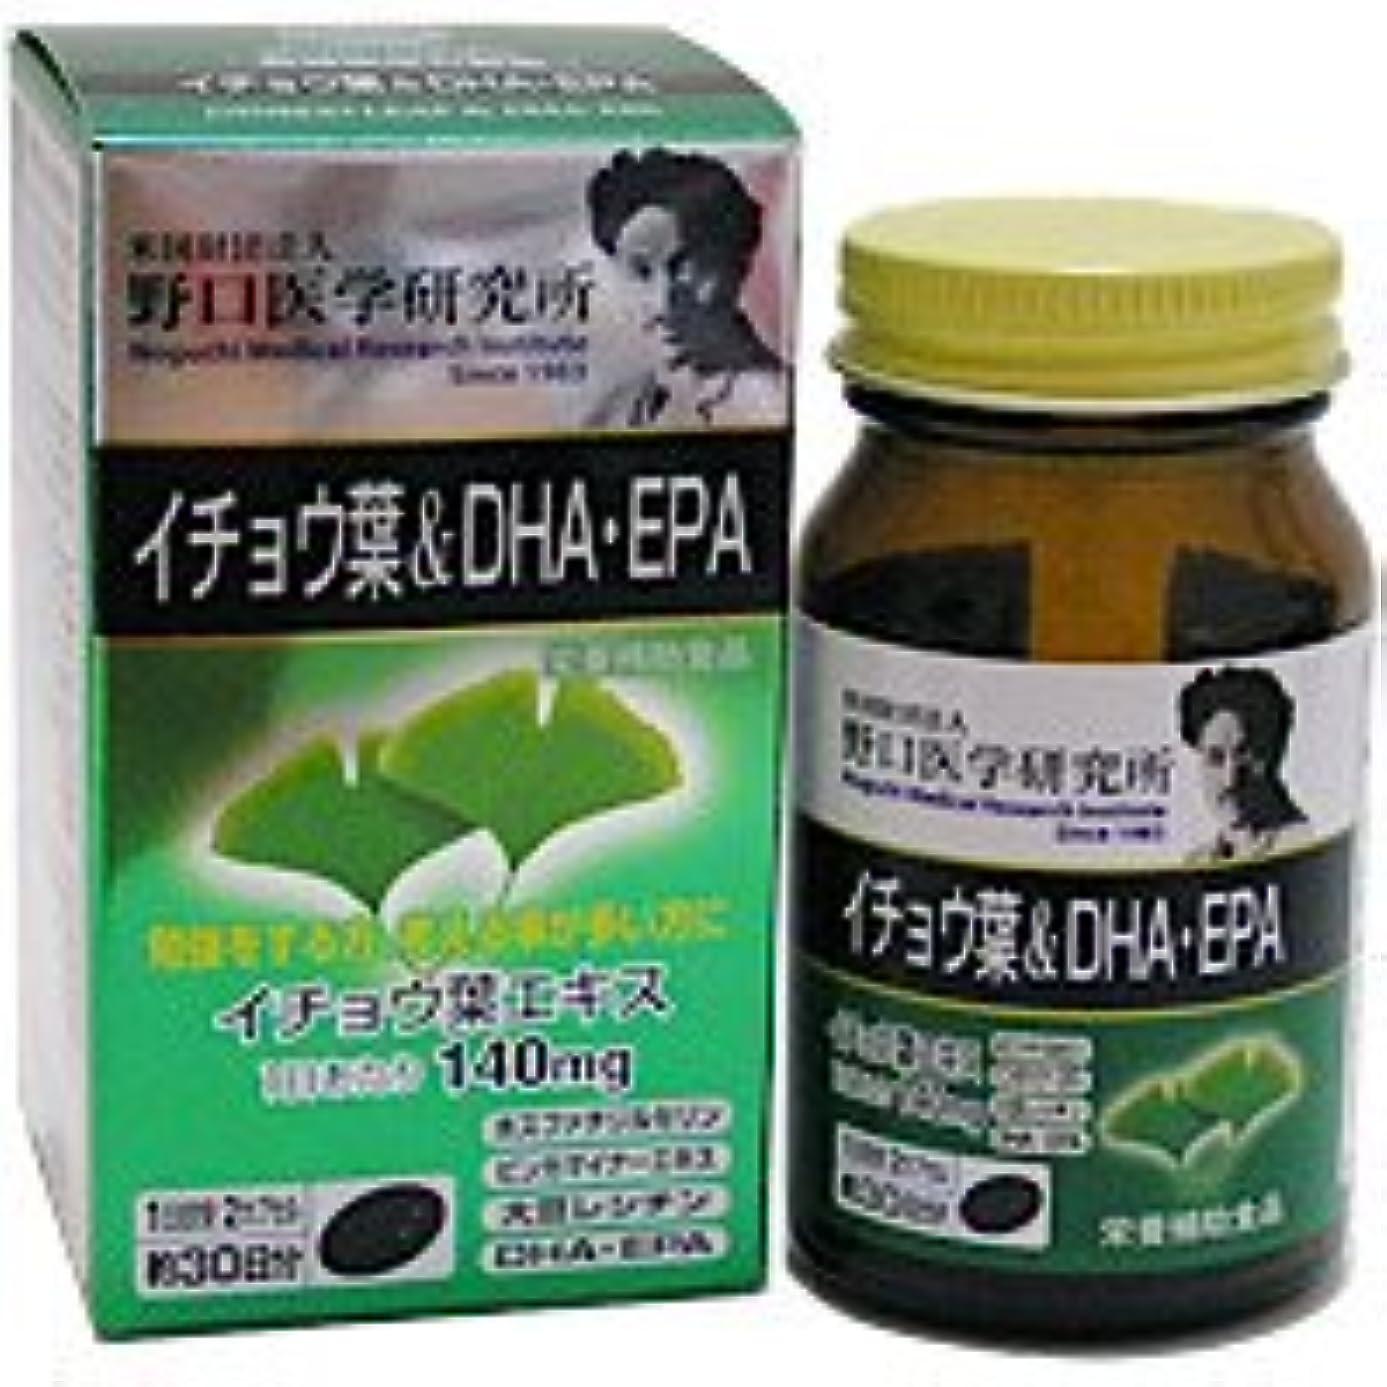 クローゼット引退した開梱野口医学研究所 イチョウ葉&DHA+EPA60粒5個セット